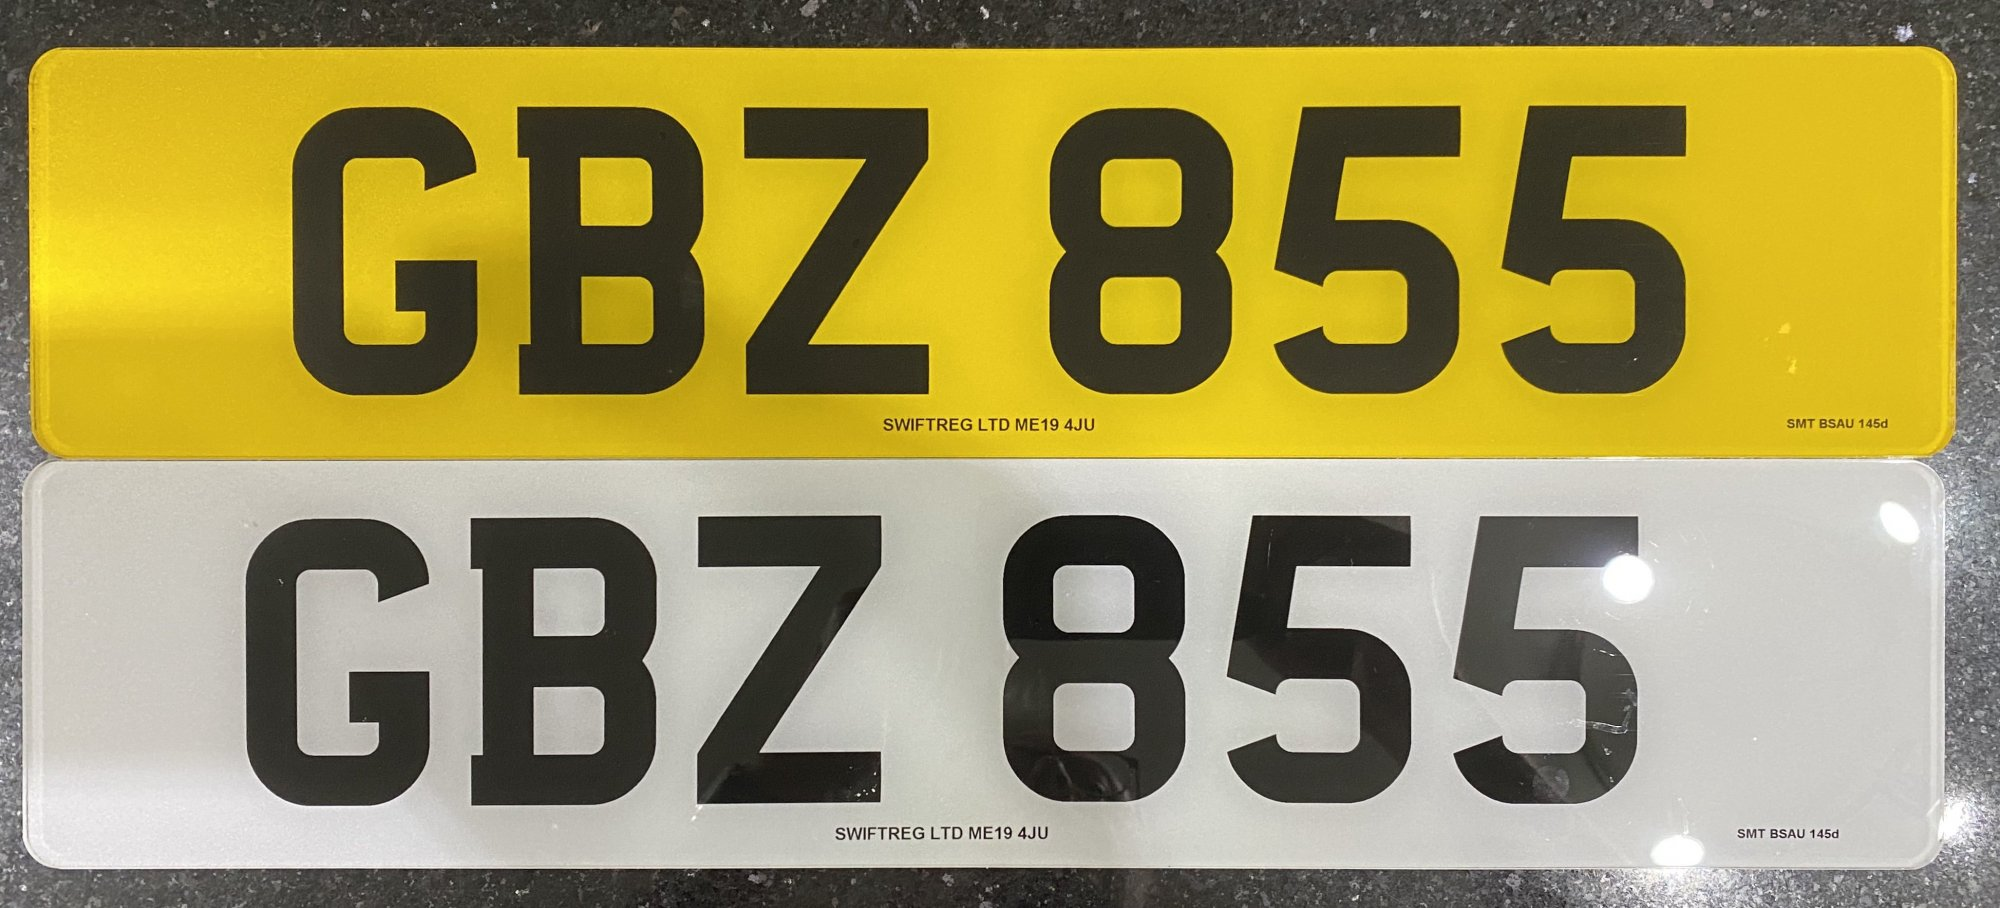 B533C66E-FE7C-4F02-933B-C2BCE81EB54E.thumb.jpeg.bf68f8a605205dda73ea6bc88885565e.jpeg